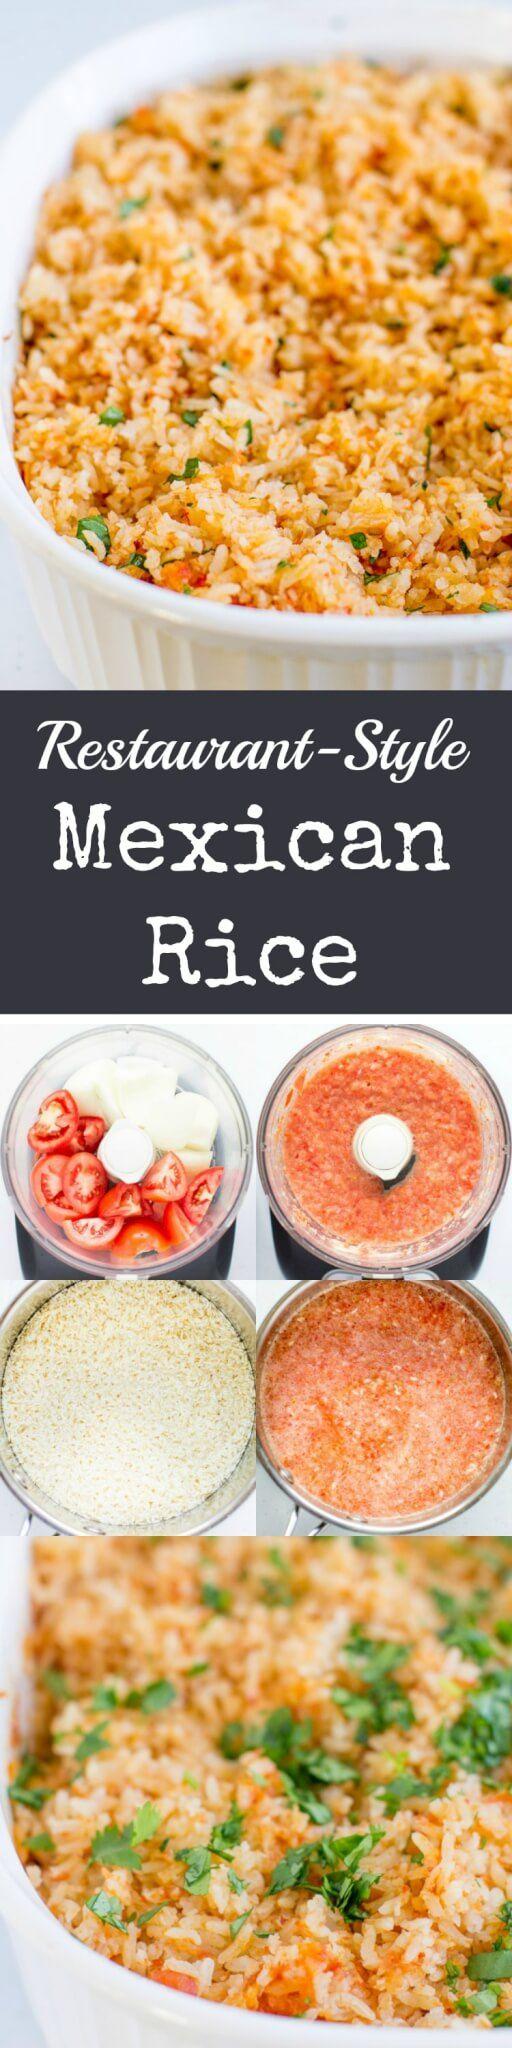 Recreate Restaurant-Style Mexican Rice at home in your oven. geen oven gebruikt, gewoon in de pan laten garen, werkt prima. extra maggieblokje en chilipoeder toegevoegd, miste nog wel een kruidige specerij, maar kan niet zeggen welke, misschien uienpoeder en/of komijn? Of verse paprika en paprikapoeder? (Met erwtjes en feta wordt het griekse rijst) Volgende keer rijst apart koken en toevoegen aan de gebakken ui en tomaat met kruiden en tomatenpuree.